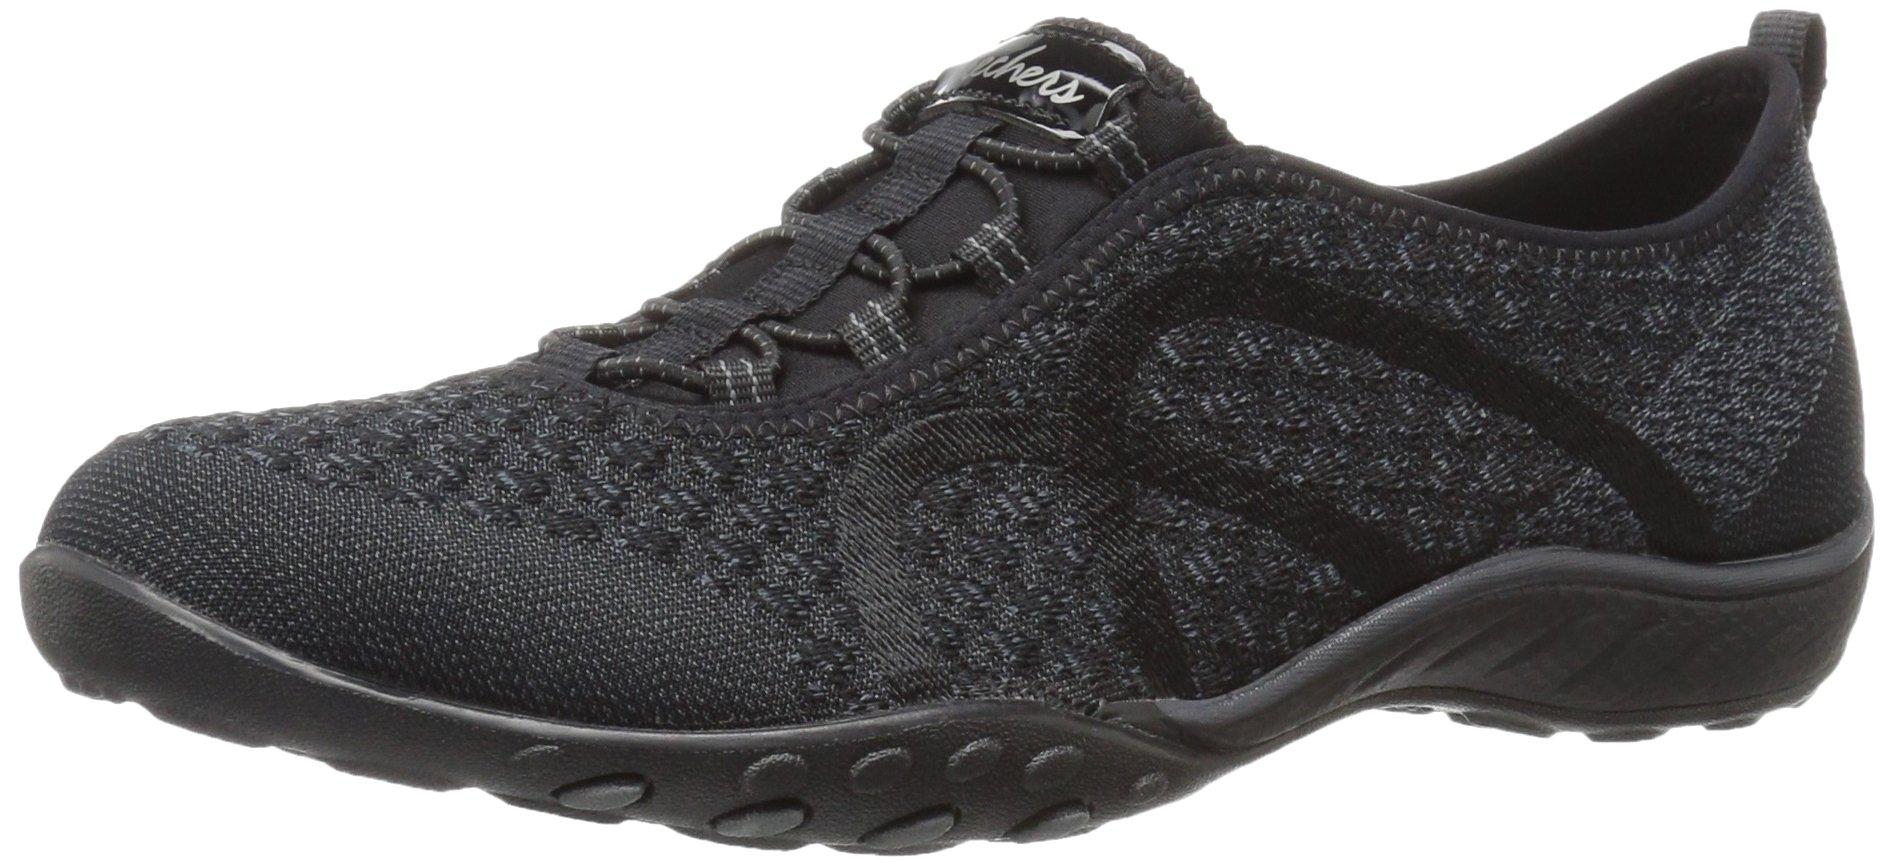 Skechers Sport Women's Breathe Easy Fortune Fashion Sneaker,Black Knit,5 M US by Skechers (Image #1)